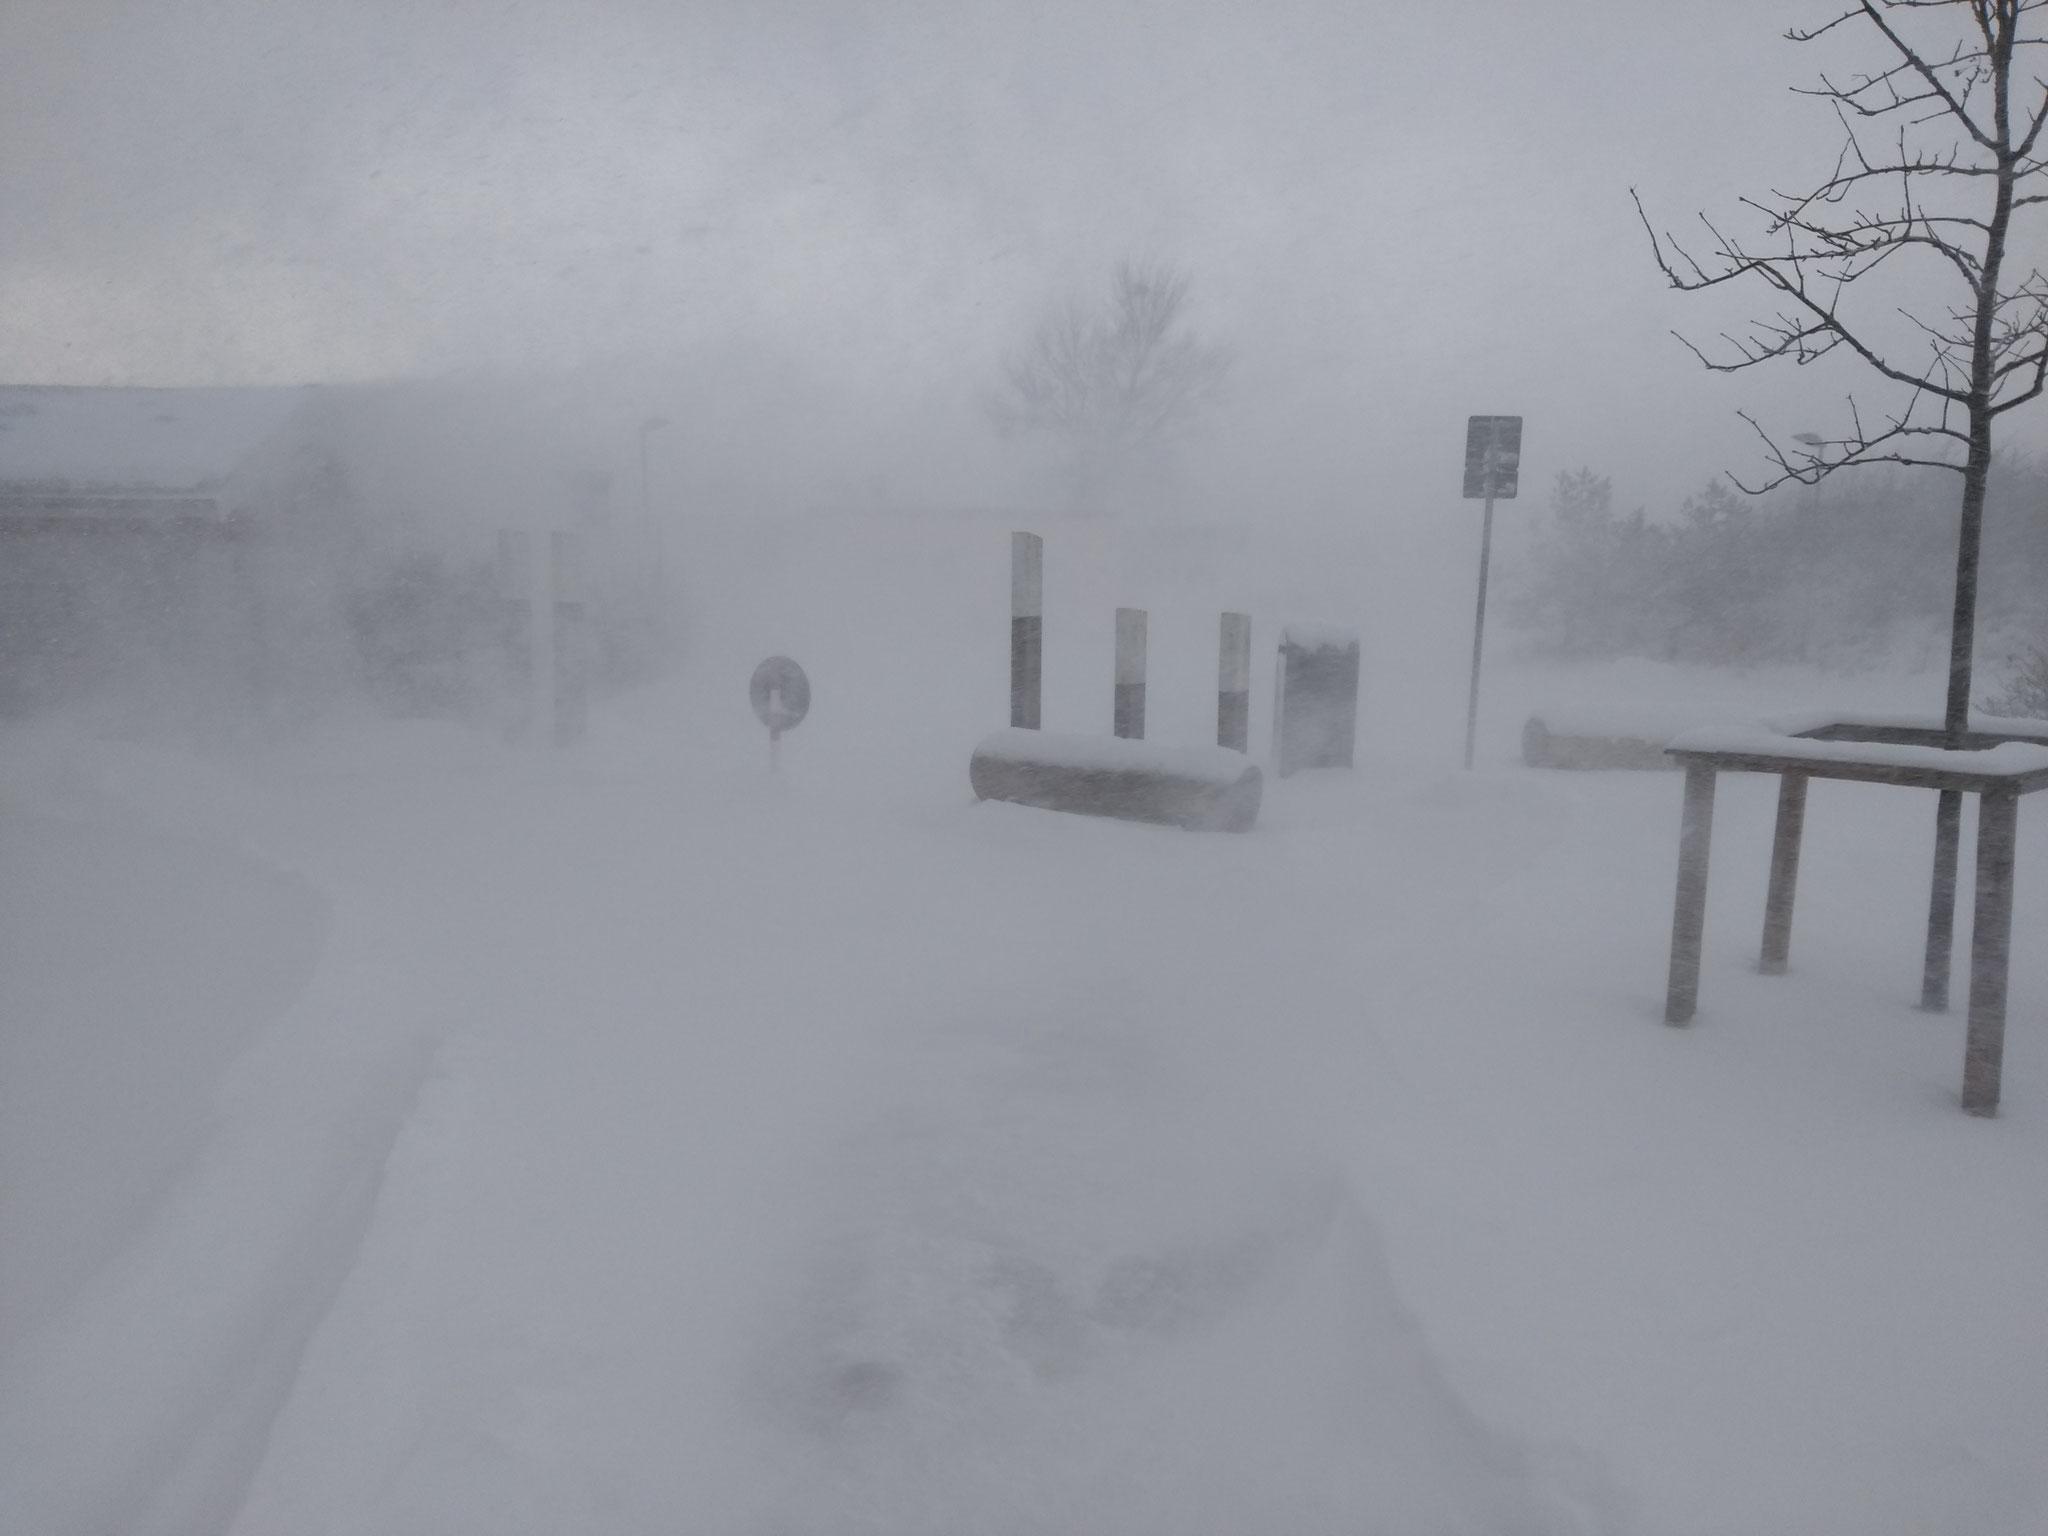 Nach dem Schneesturm am Dienstag 9/2/21 war